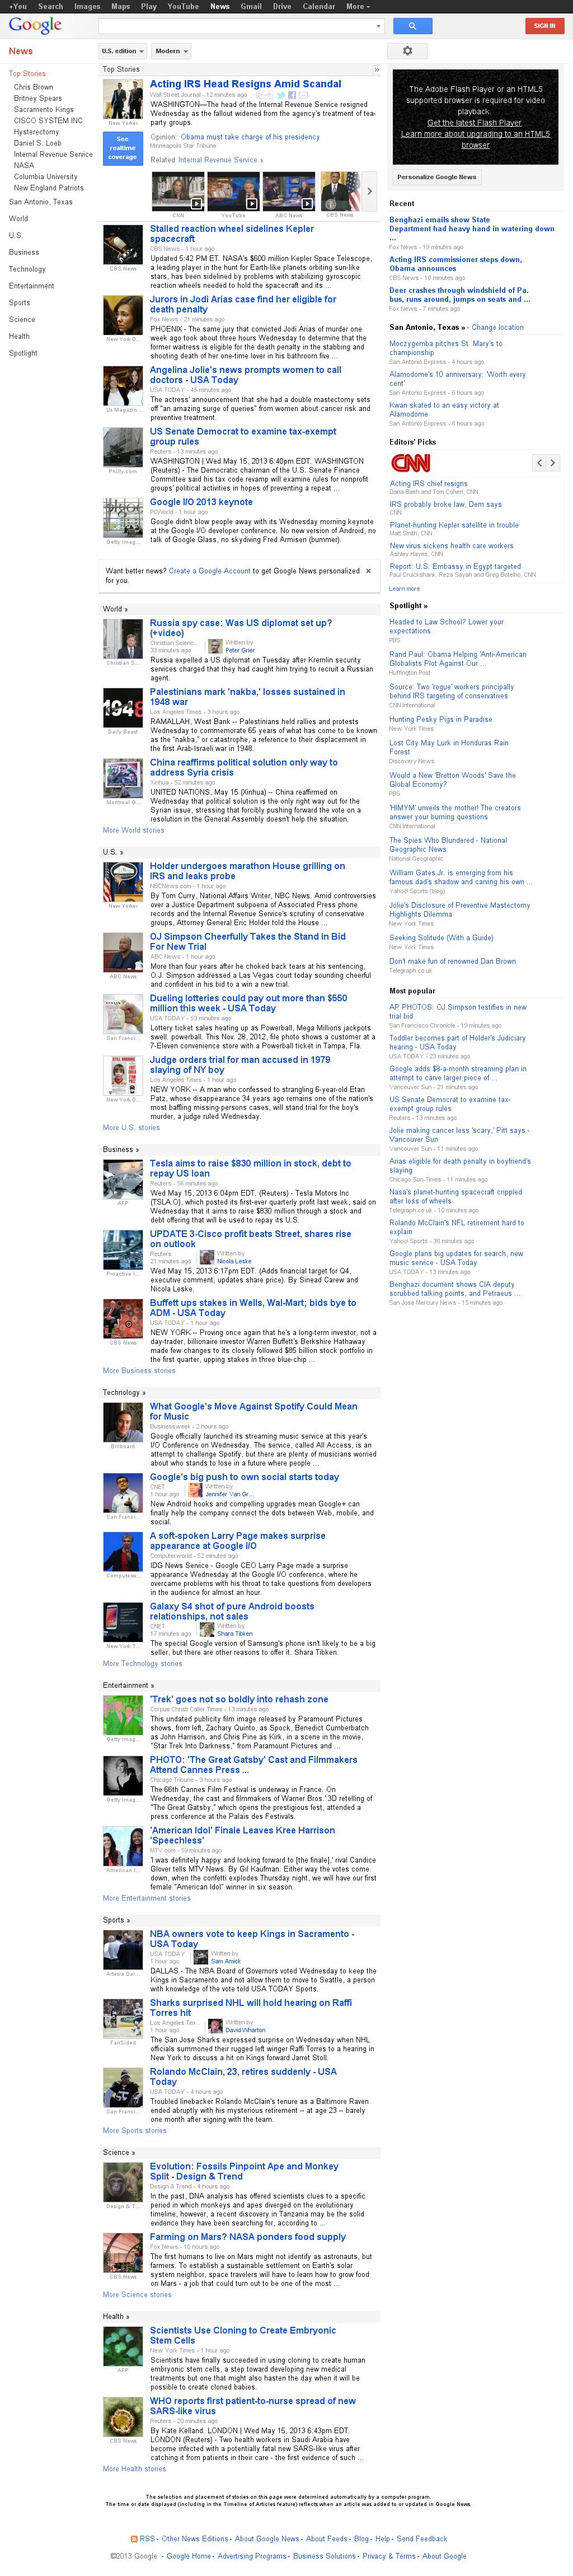 Google News at Wednesday May 15, 2013, 11:07 p.m. UTC